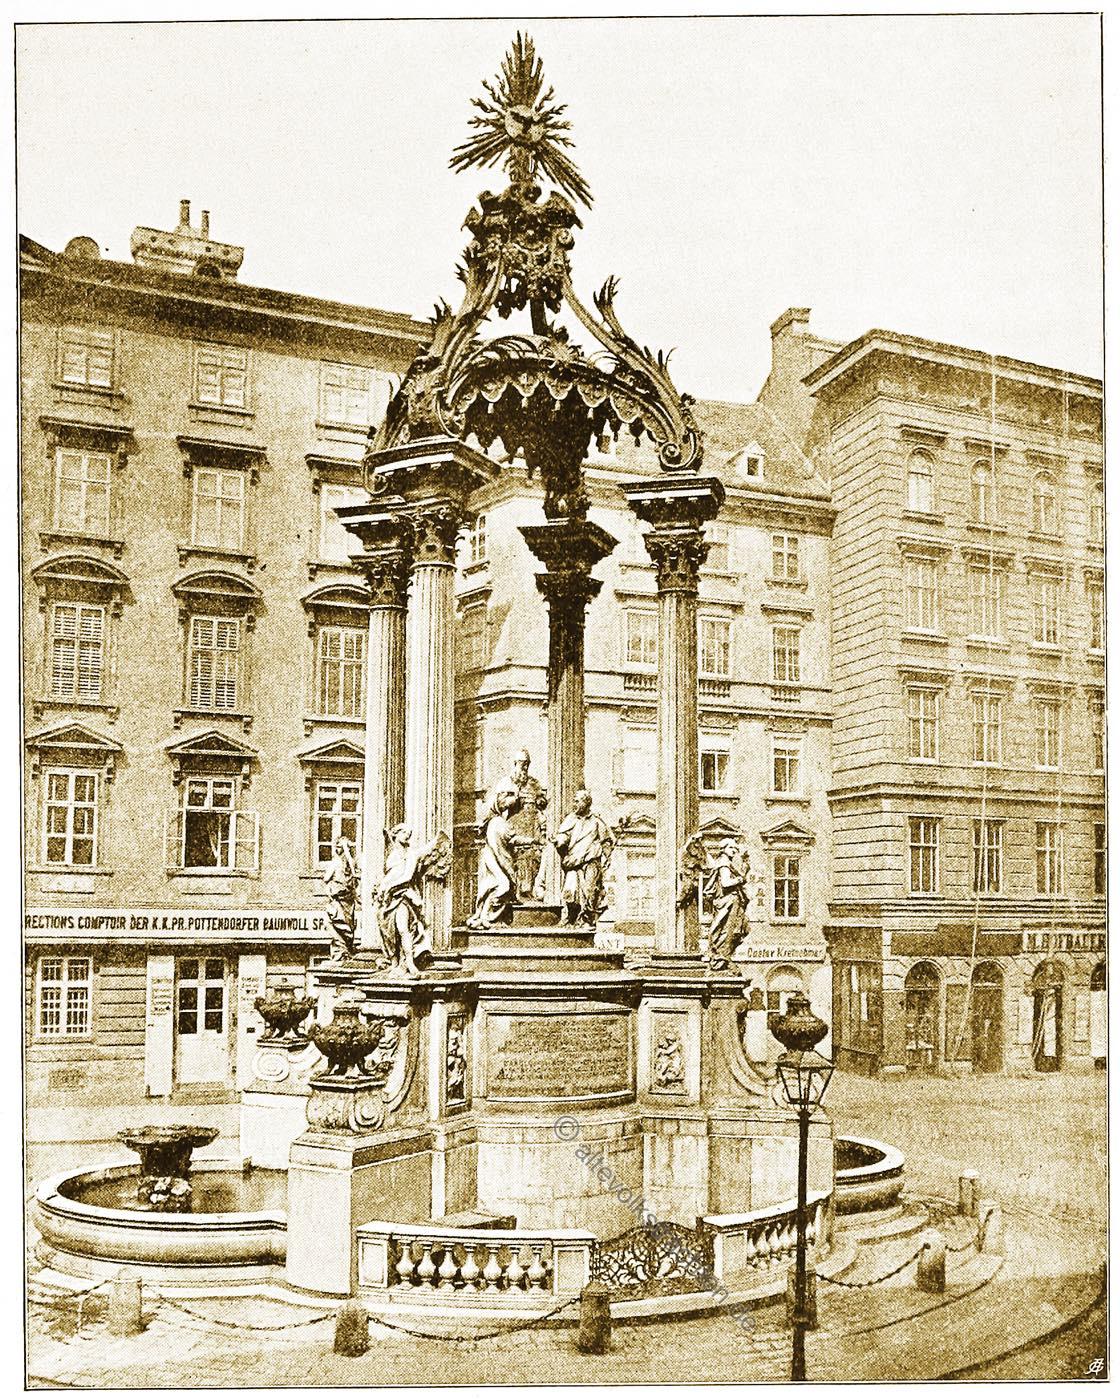 Brunnendenkmal, hoher, Markt, Joseph Emanuel Fischer, Wien, Brunnen, Österreich, Architektur, Hartwig Fischel,